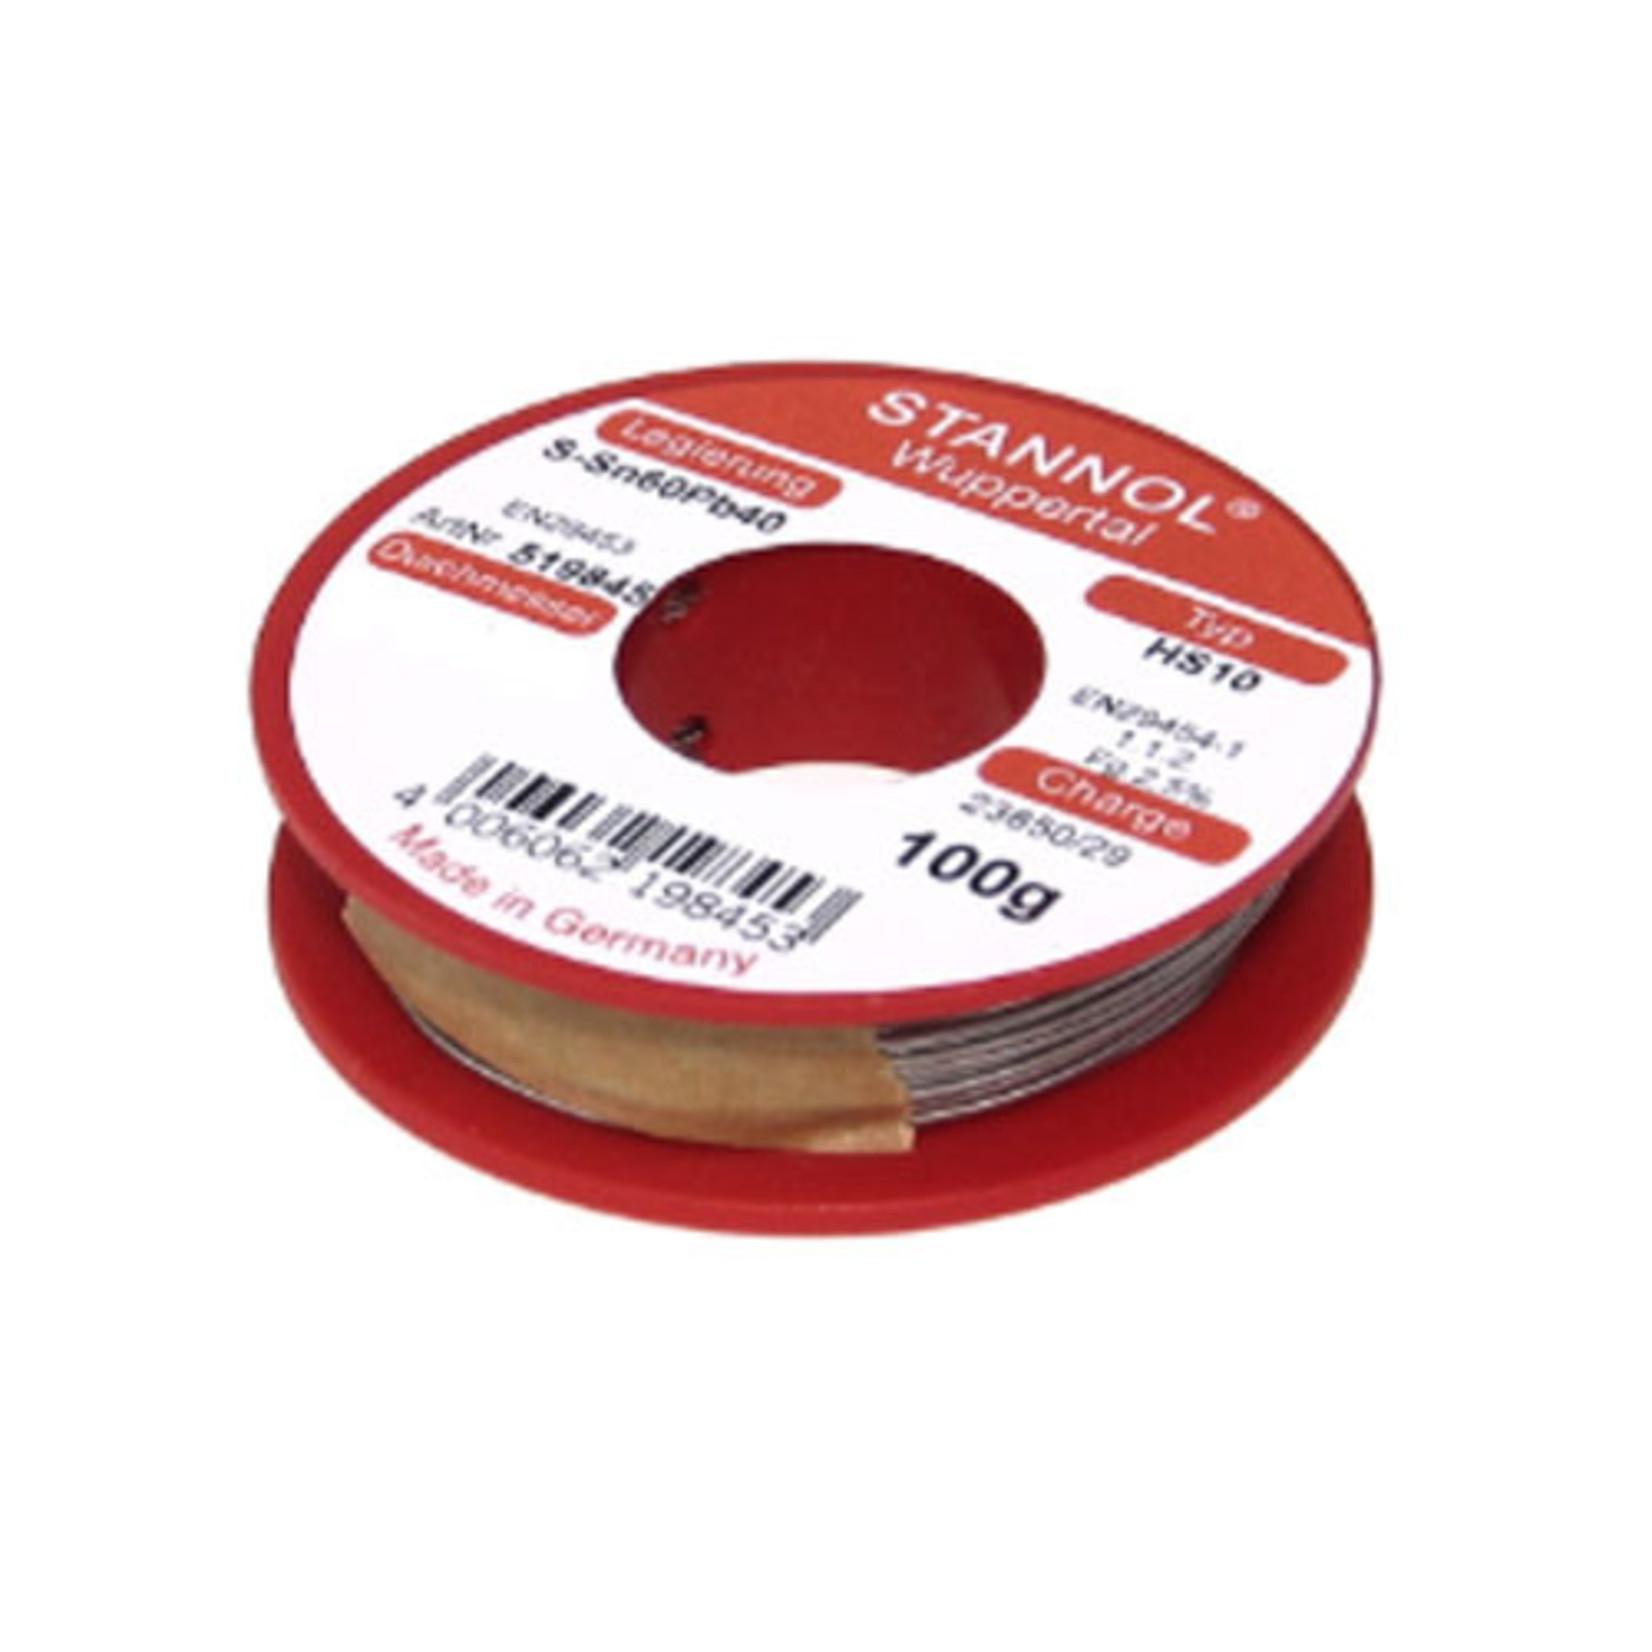 Stannol Soldeerdraad HS10 60/40 0.6mm 100gr